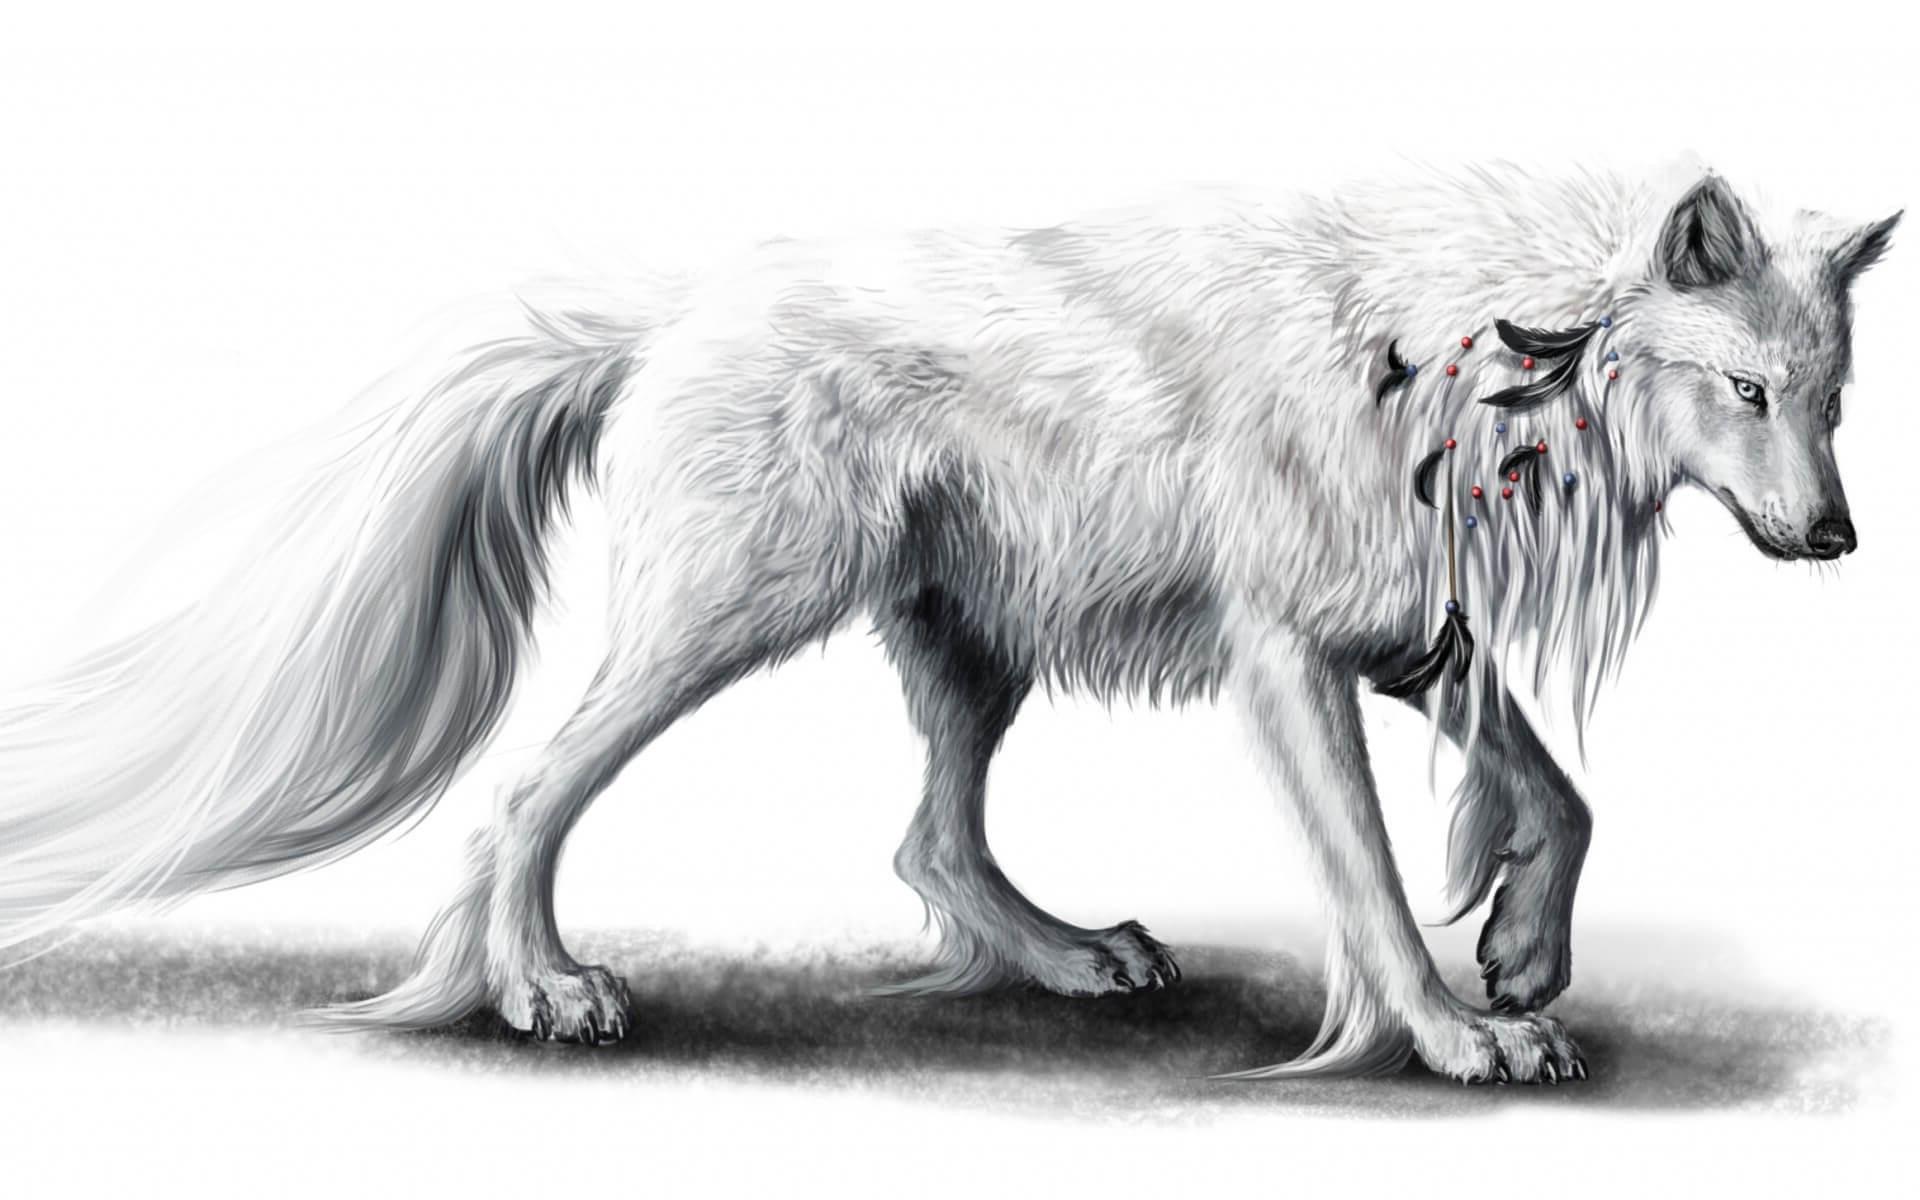 Рисунок с волками